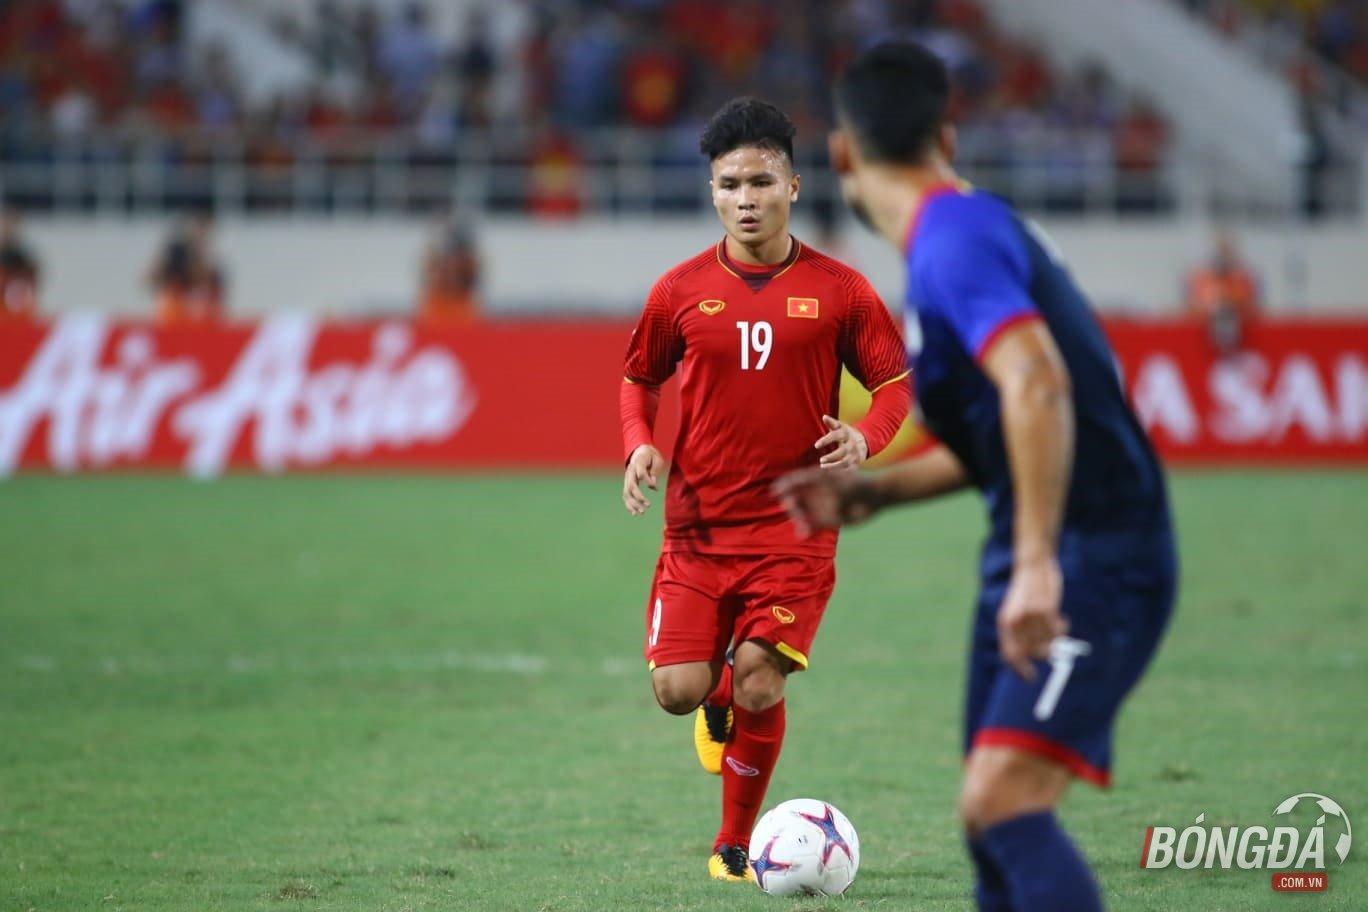 Chưa đá, tuyển Việt Nam đã có lợi thế lớn trước Malaysia (Safari) - Bóng Đá